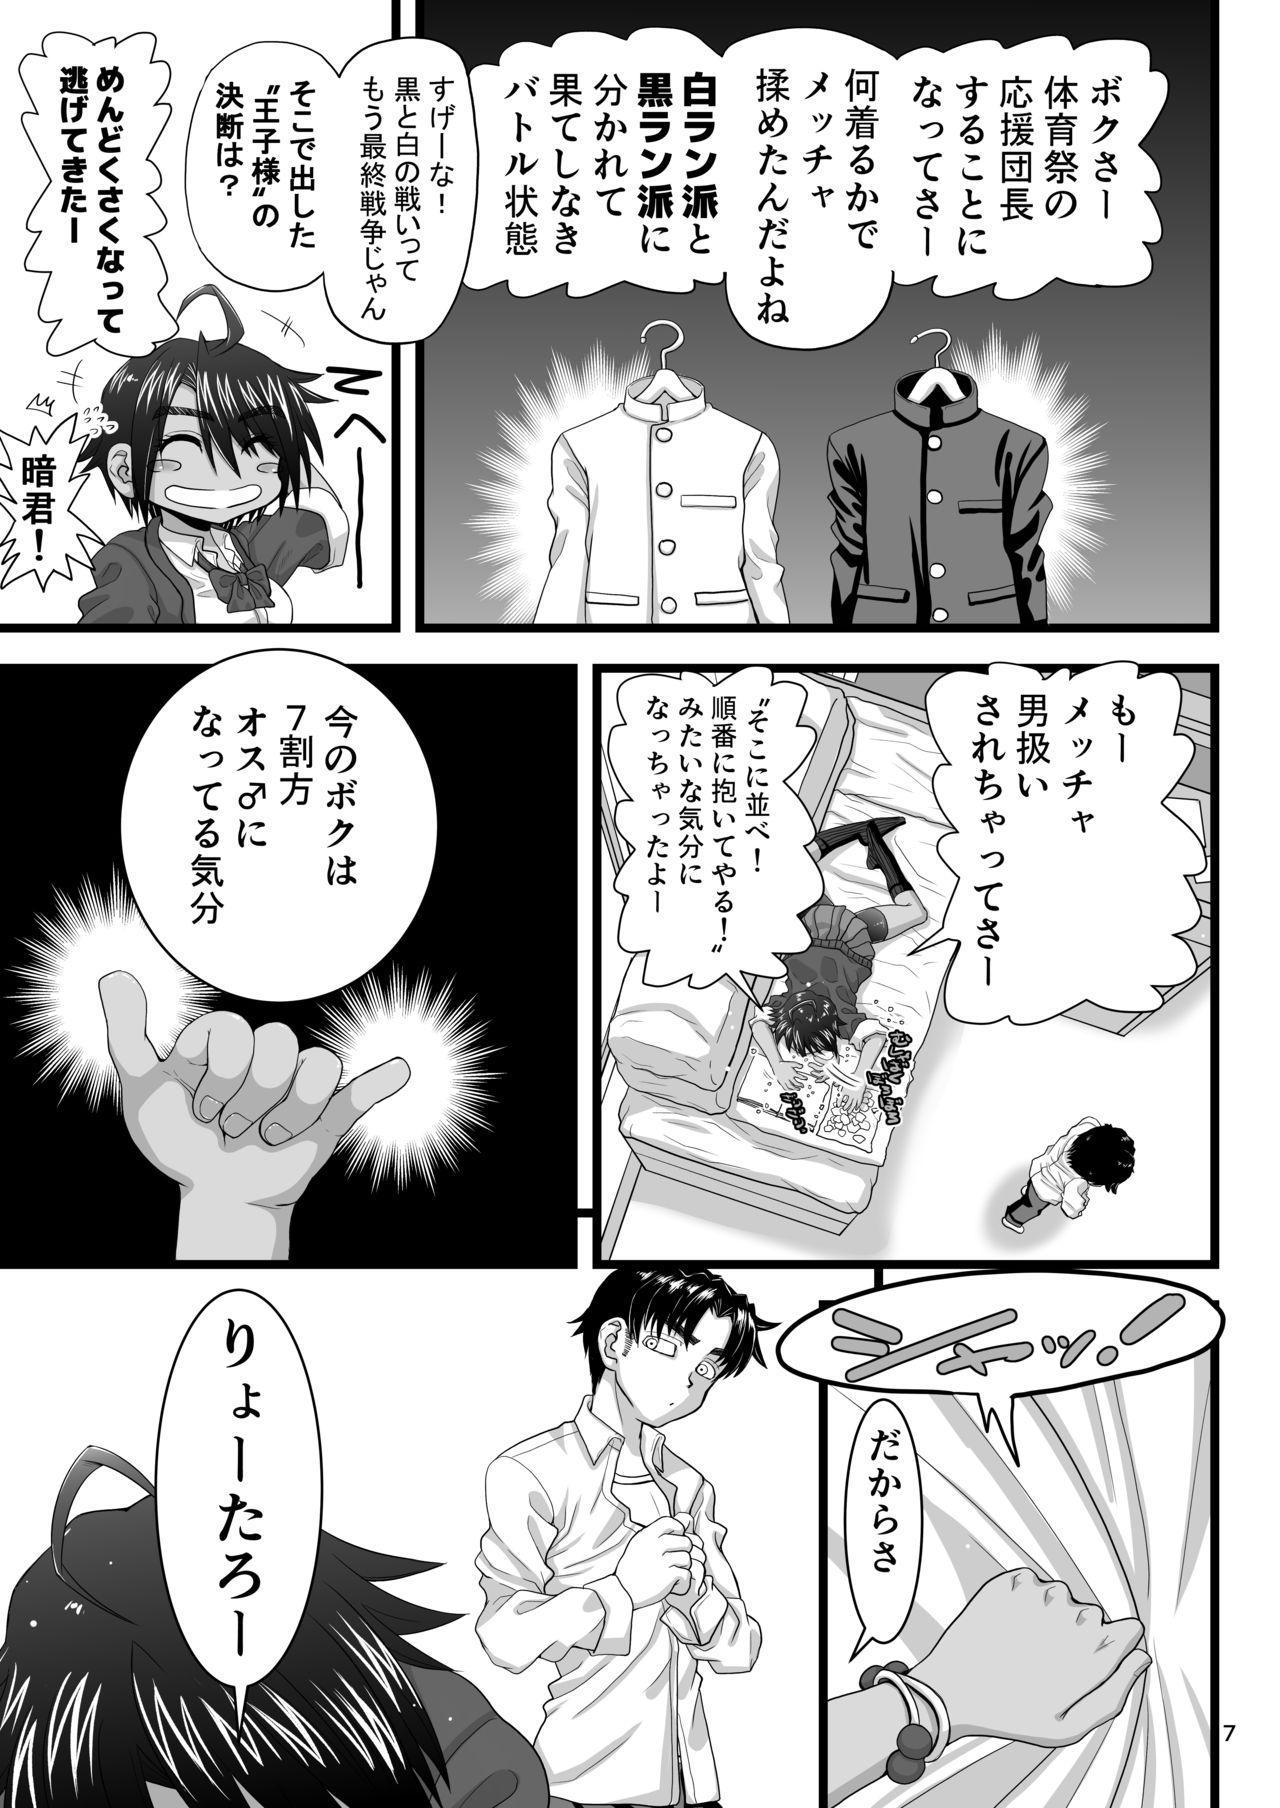 Osananajimi wa Joshikou no Ouji dakedo Ore no Mae de wa Mesu ni Naru 6